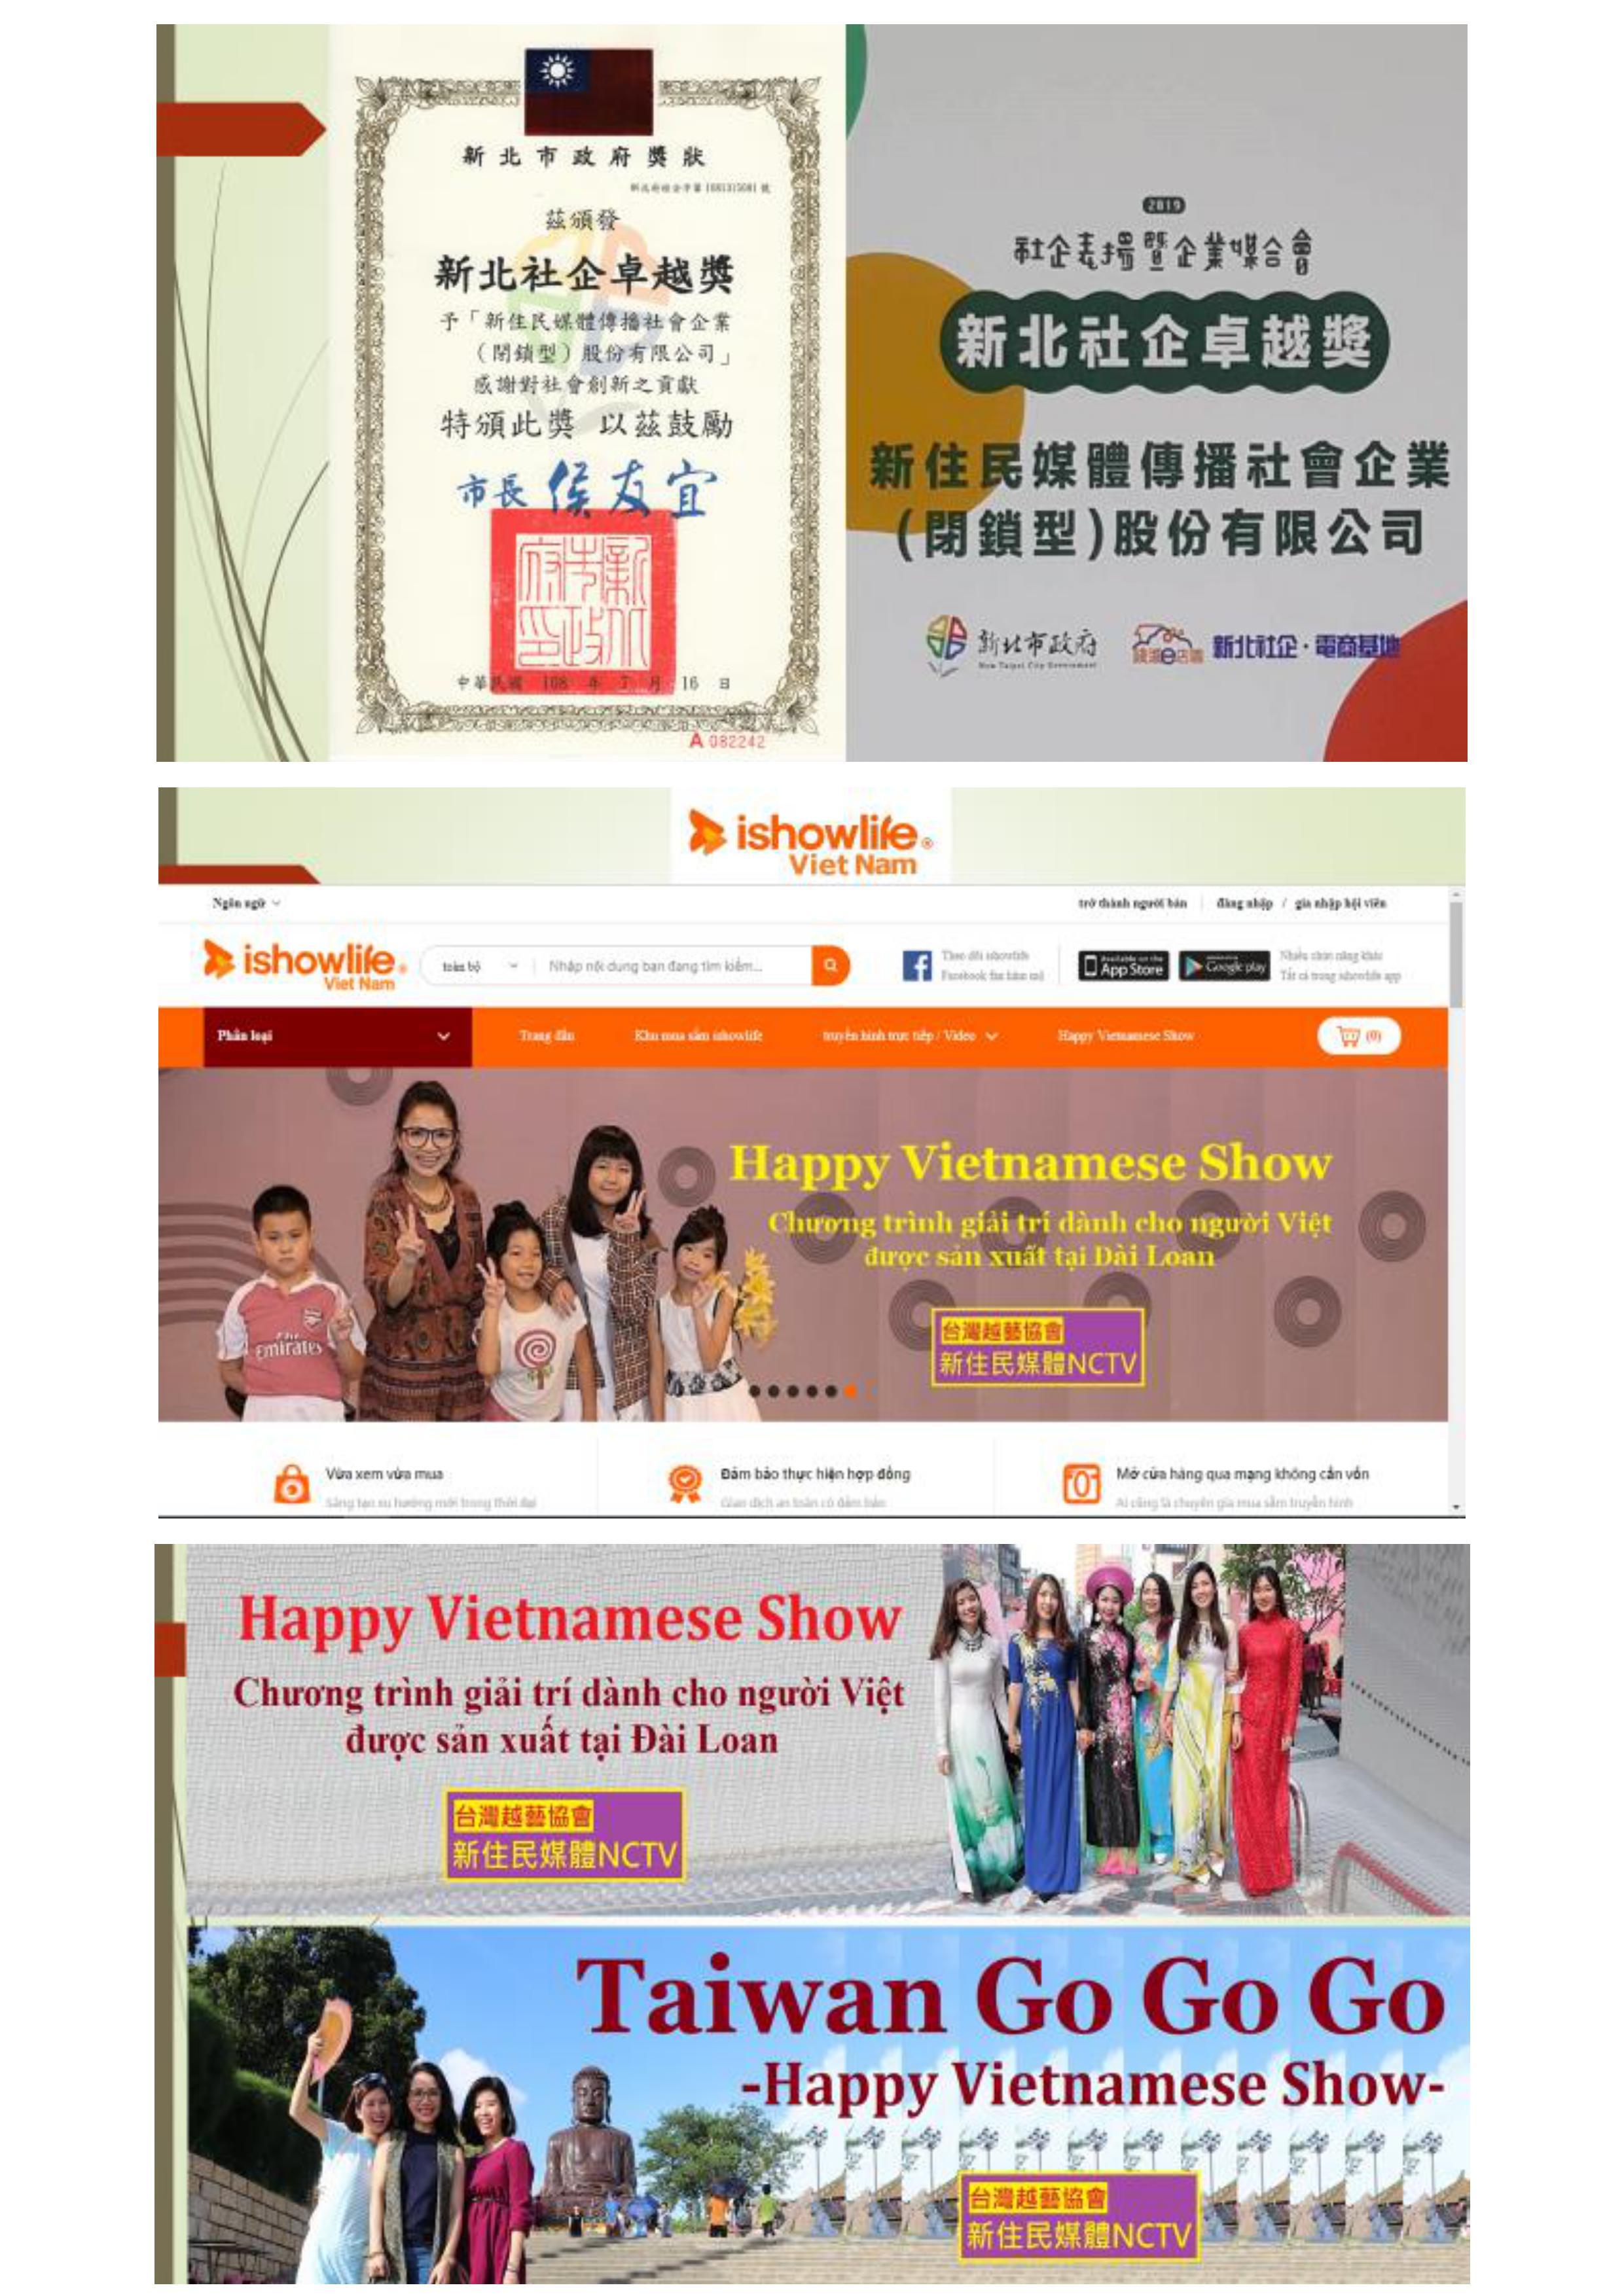 0012.jpg - 陳凰鳳與越藝之星-Ngôi sao Việt tại Đài Loan-NCTV台灣新住民媒體